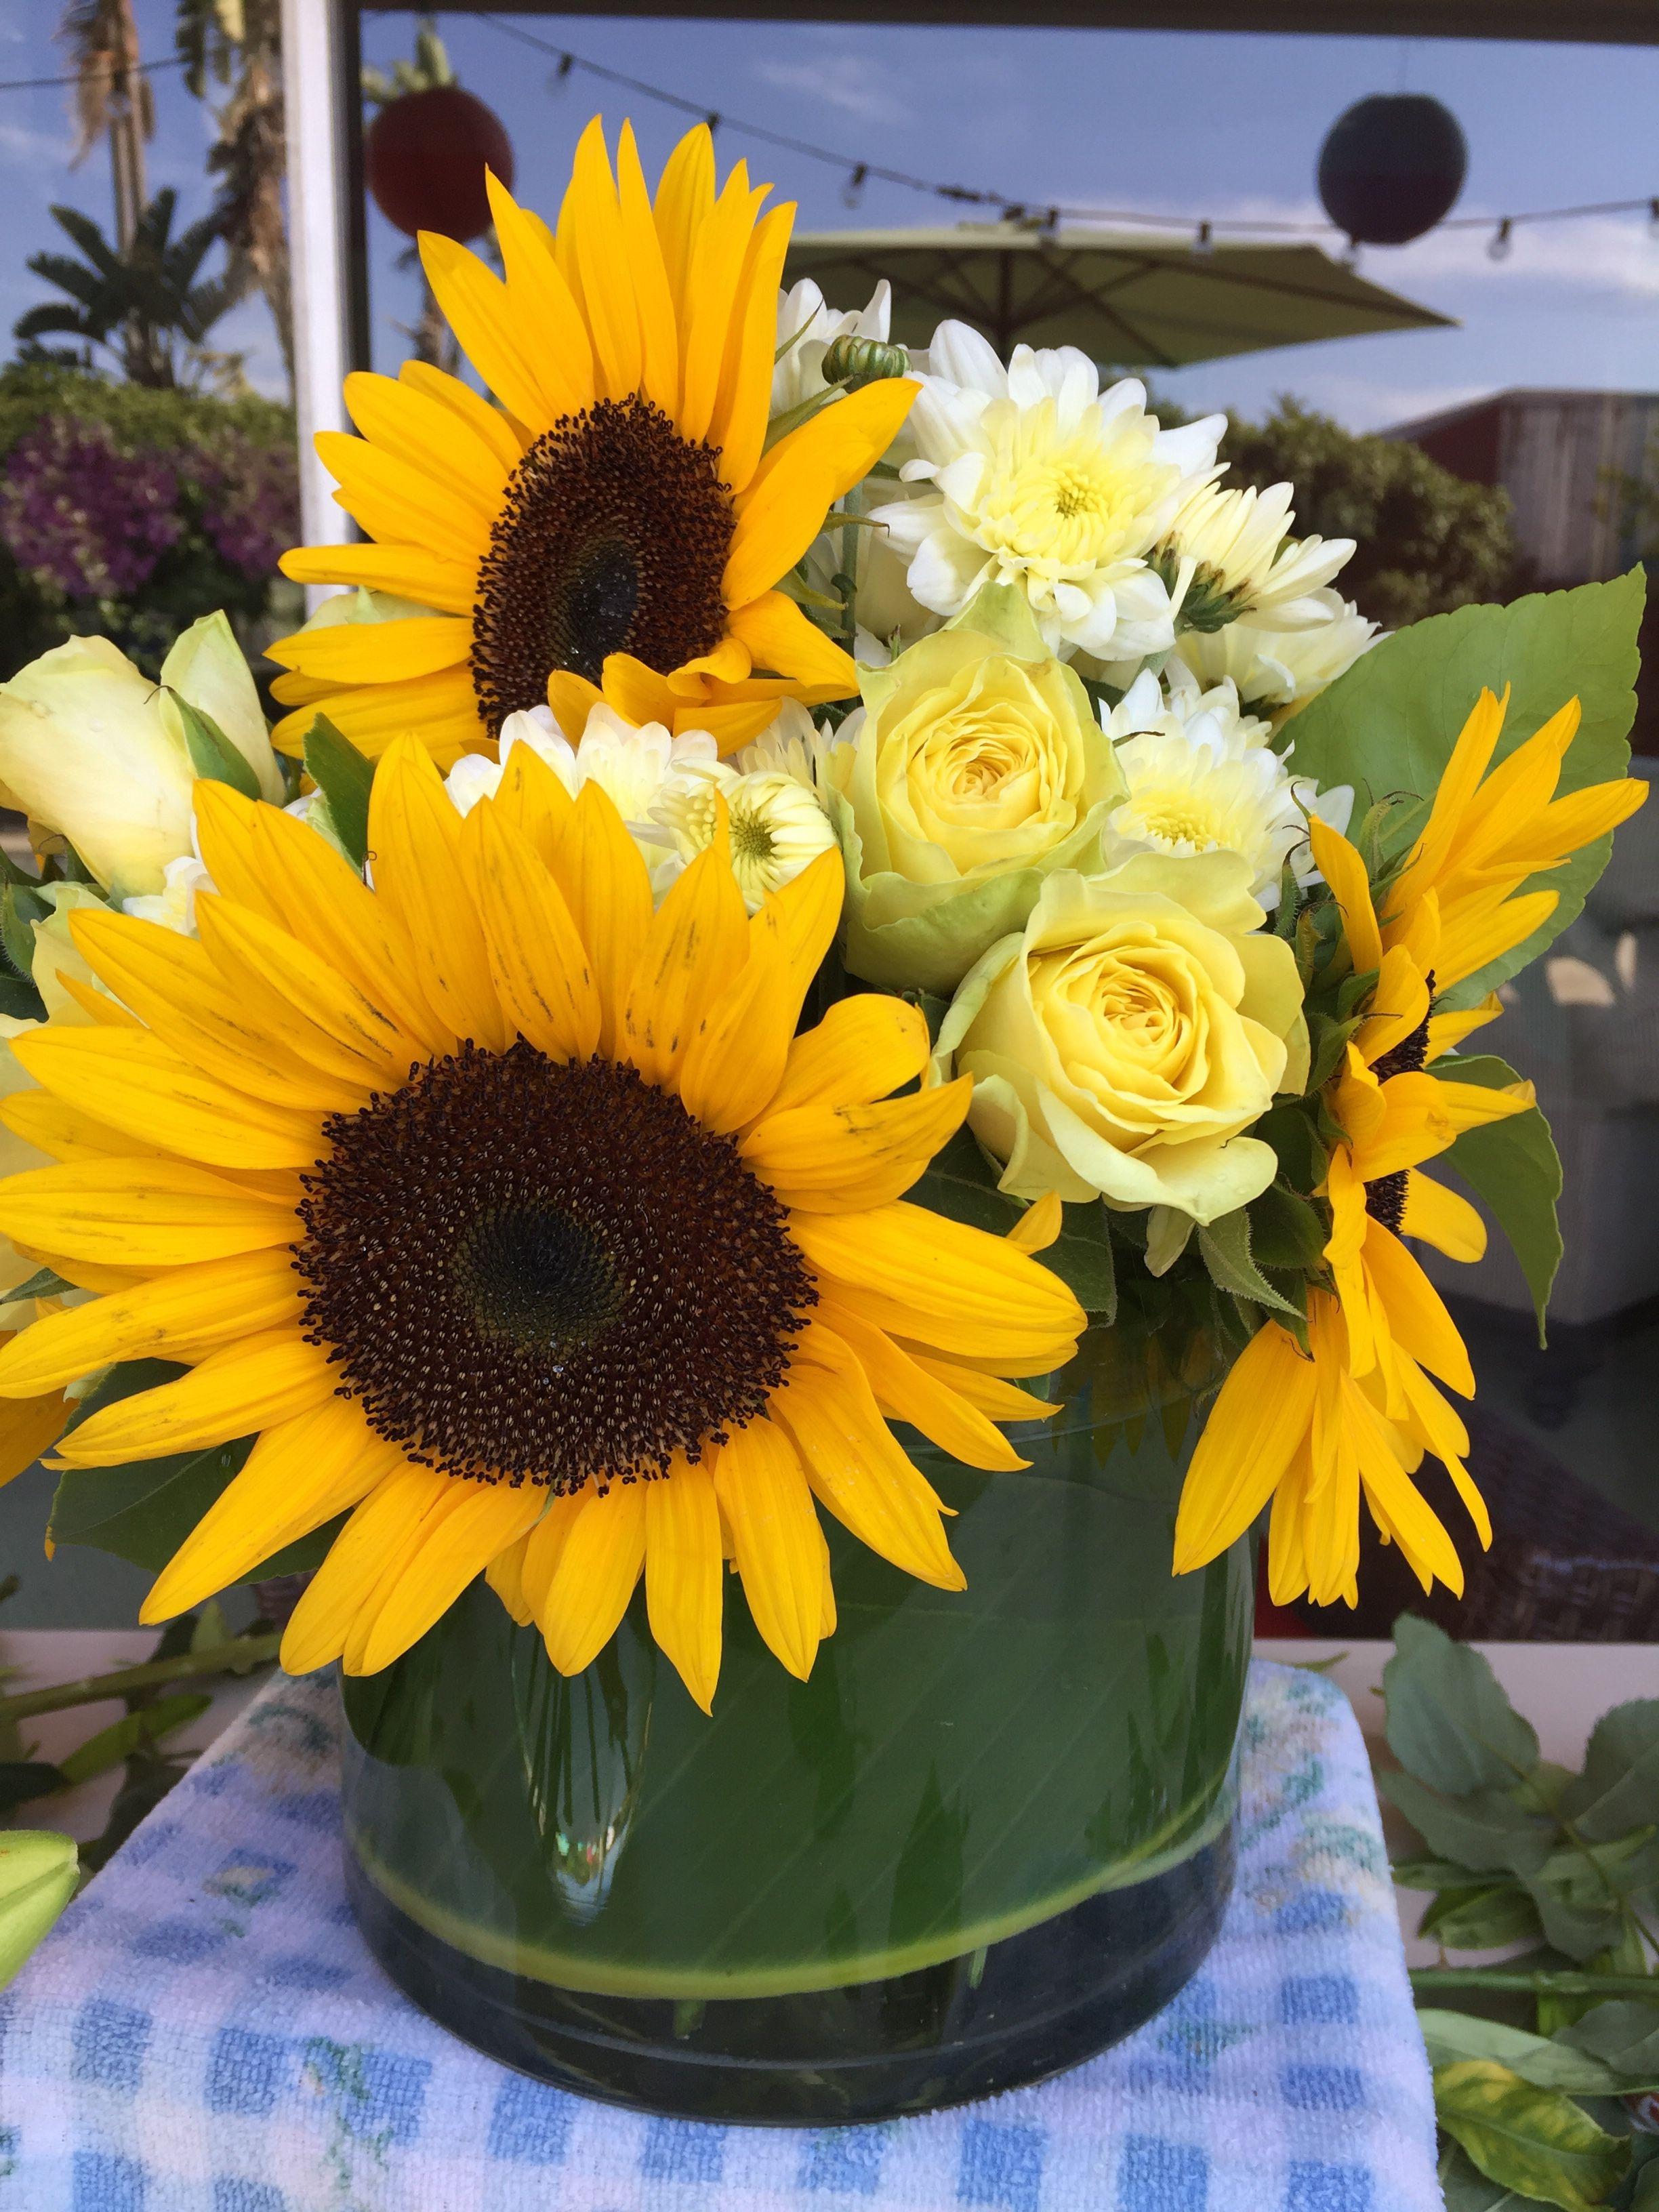 Pin by kery b style on flower arrangements pinterest flower flower arrangements daisy izmirmasajfo